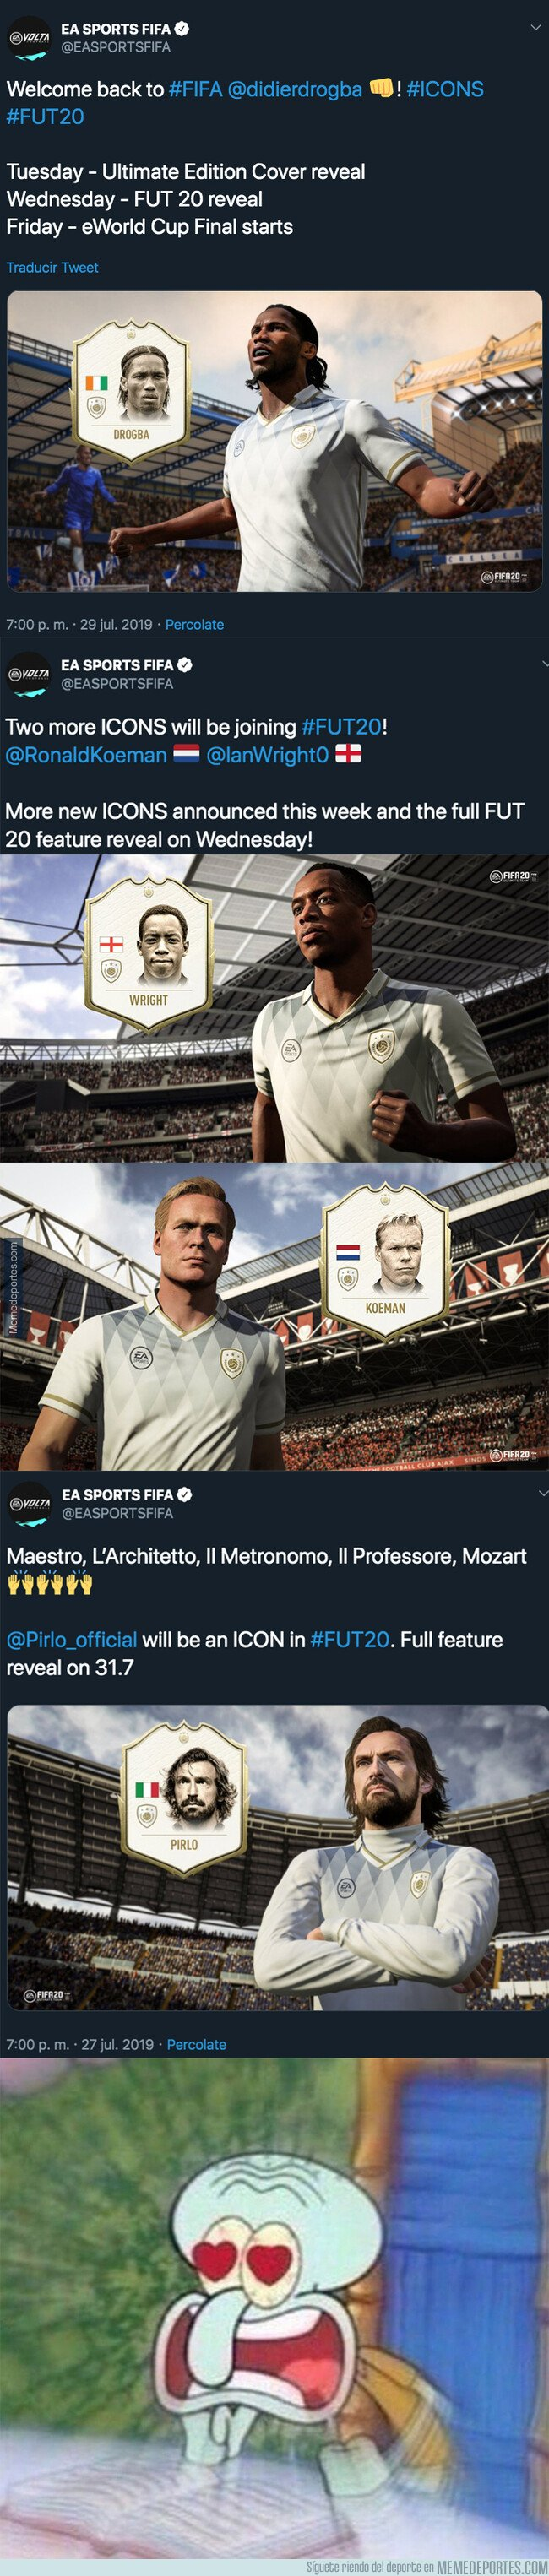 1082342 - Las 4 leyendas confirmadas que tendrán su carta Icono en el FUT de FIFA 20